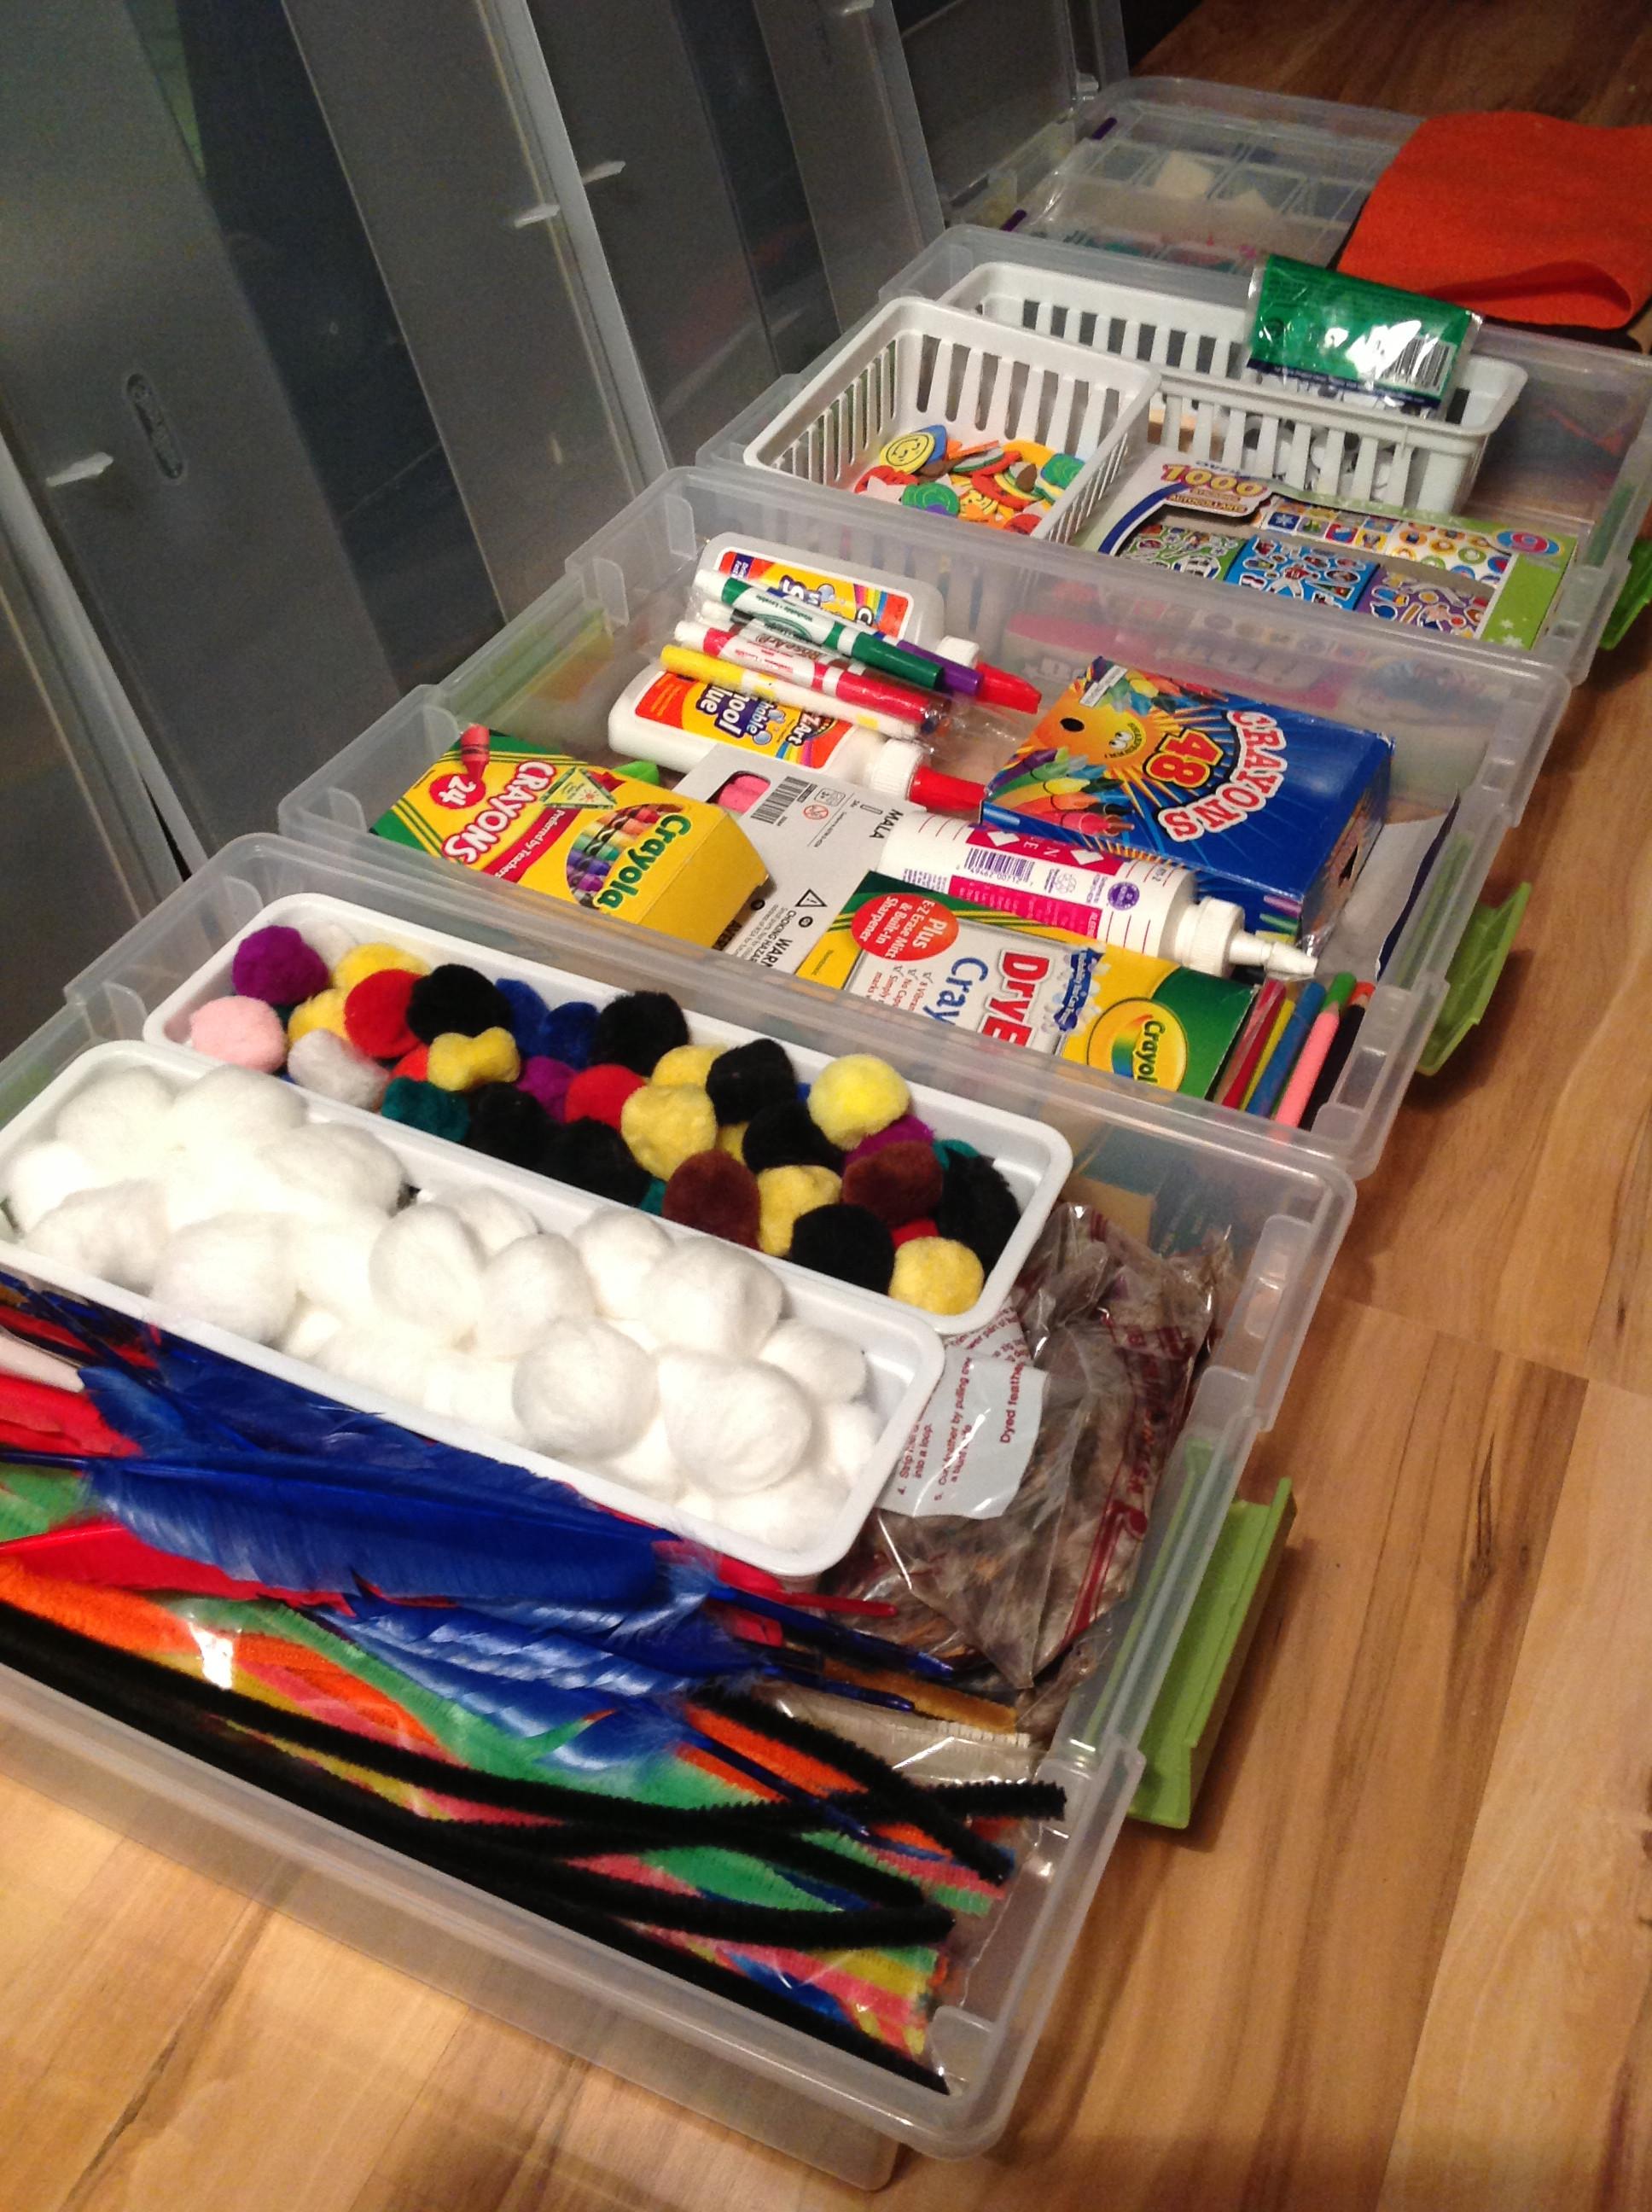 Toddler Craft Supplies  Kid's Craft Organization